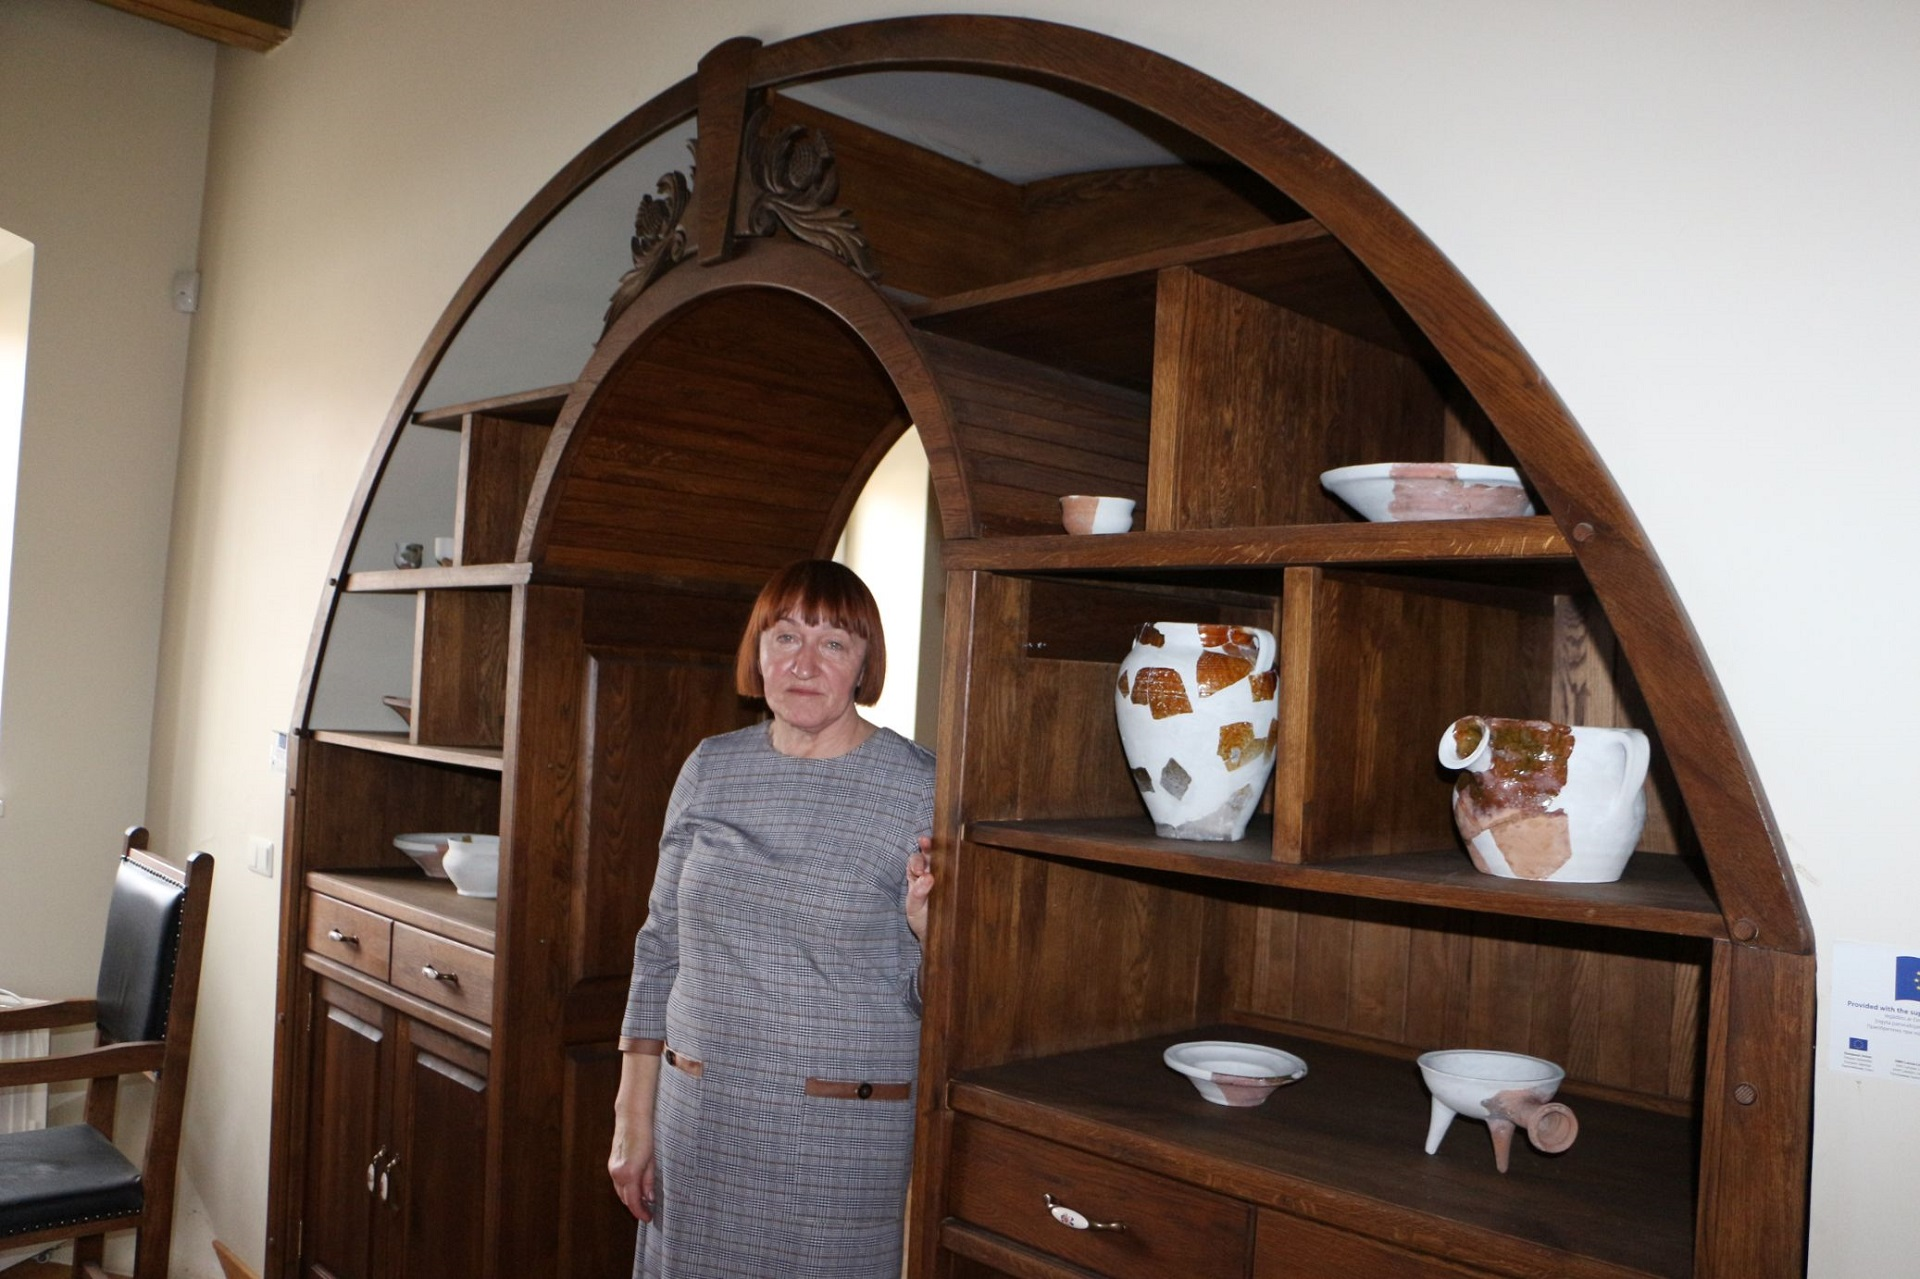 Atestuota sertifikuotų tautinio paveldo produktų tradicinė amatininkė Dalė Urbienė keramikos moko Arnetų namuose. Kristinos Mirvienės nuotr.